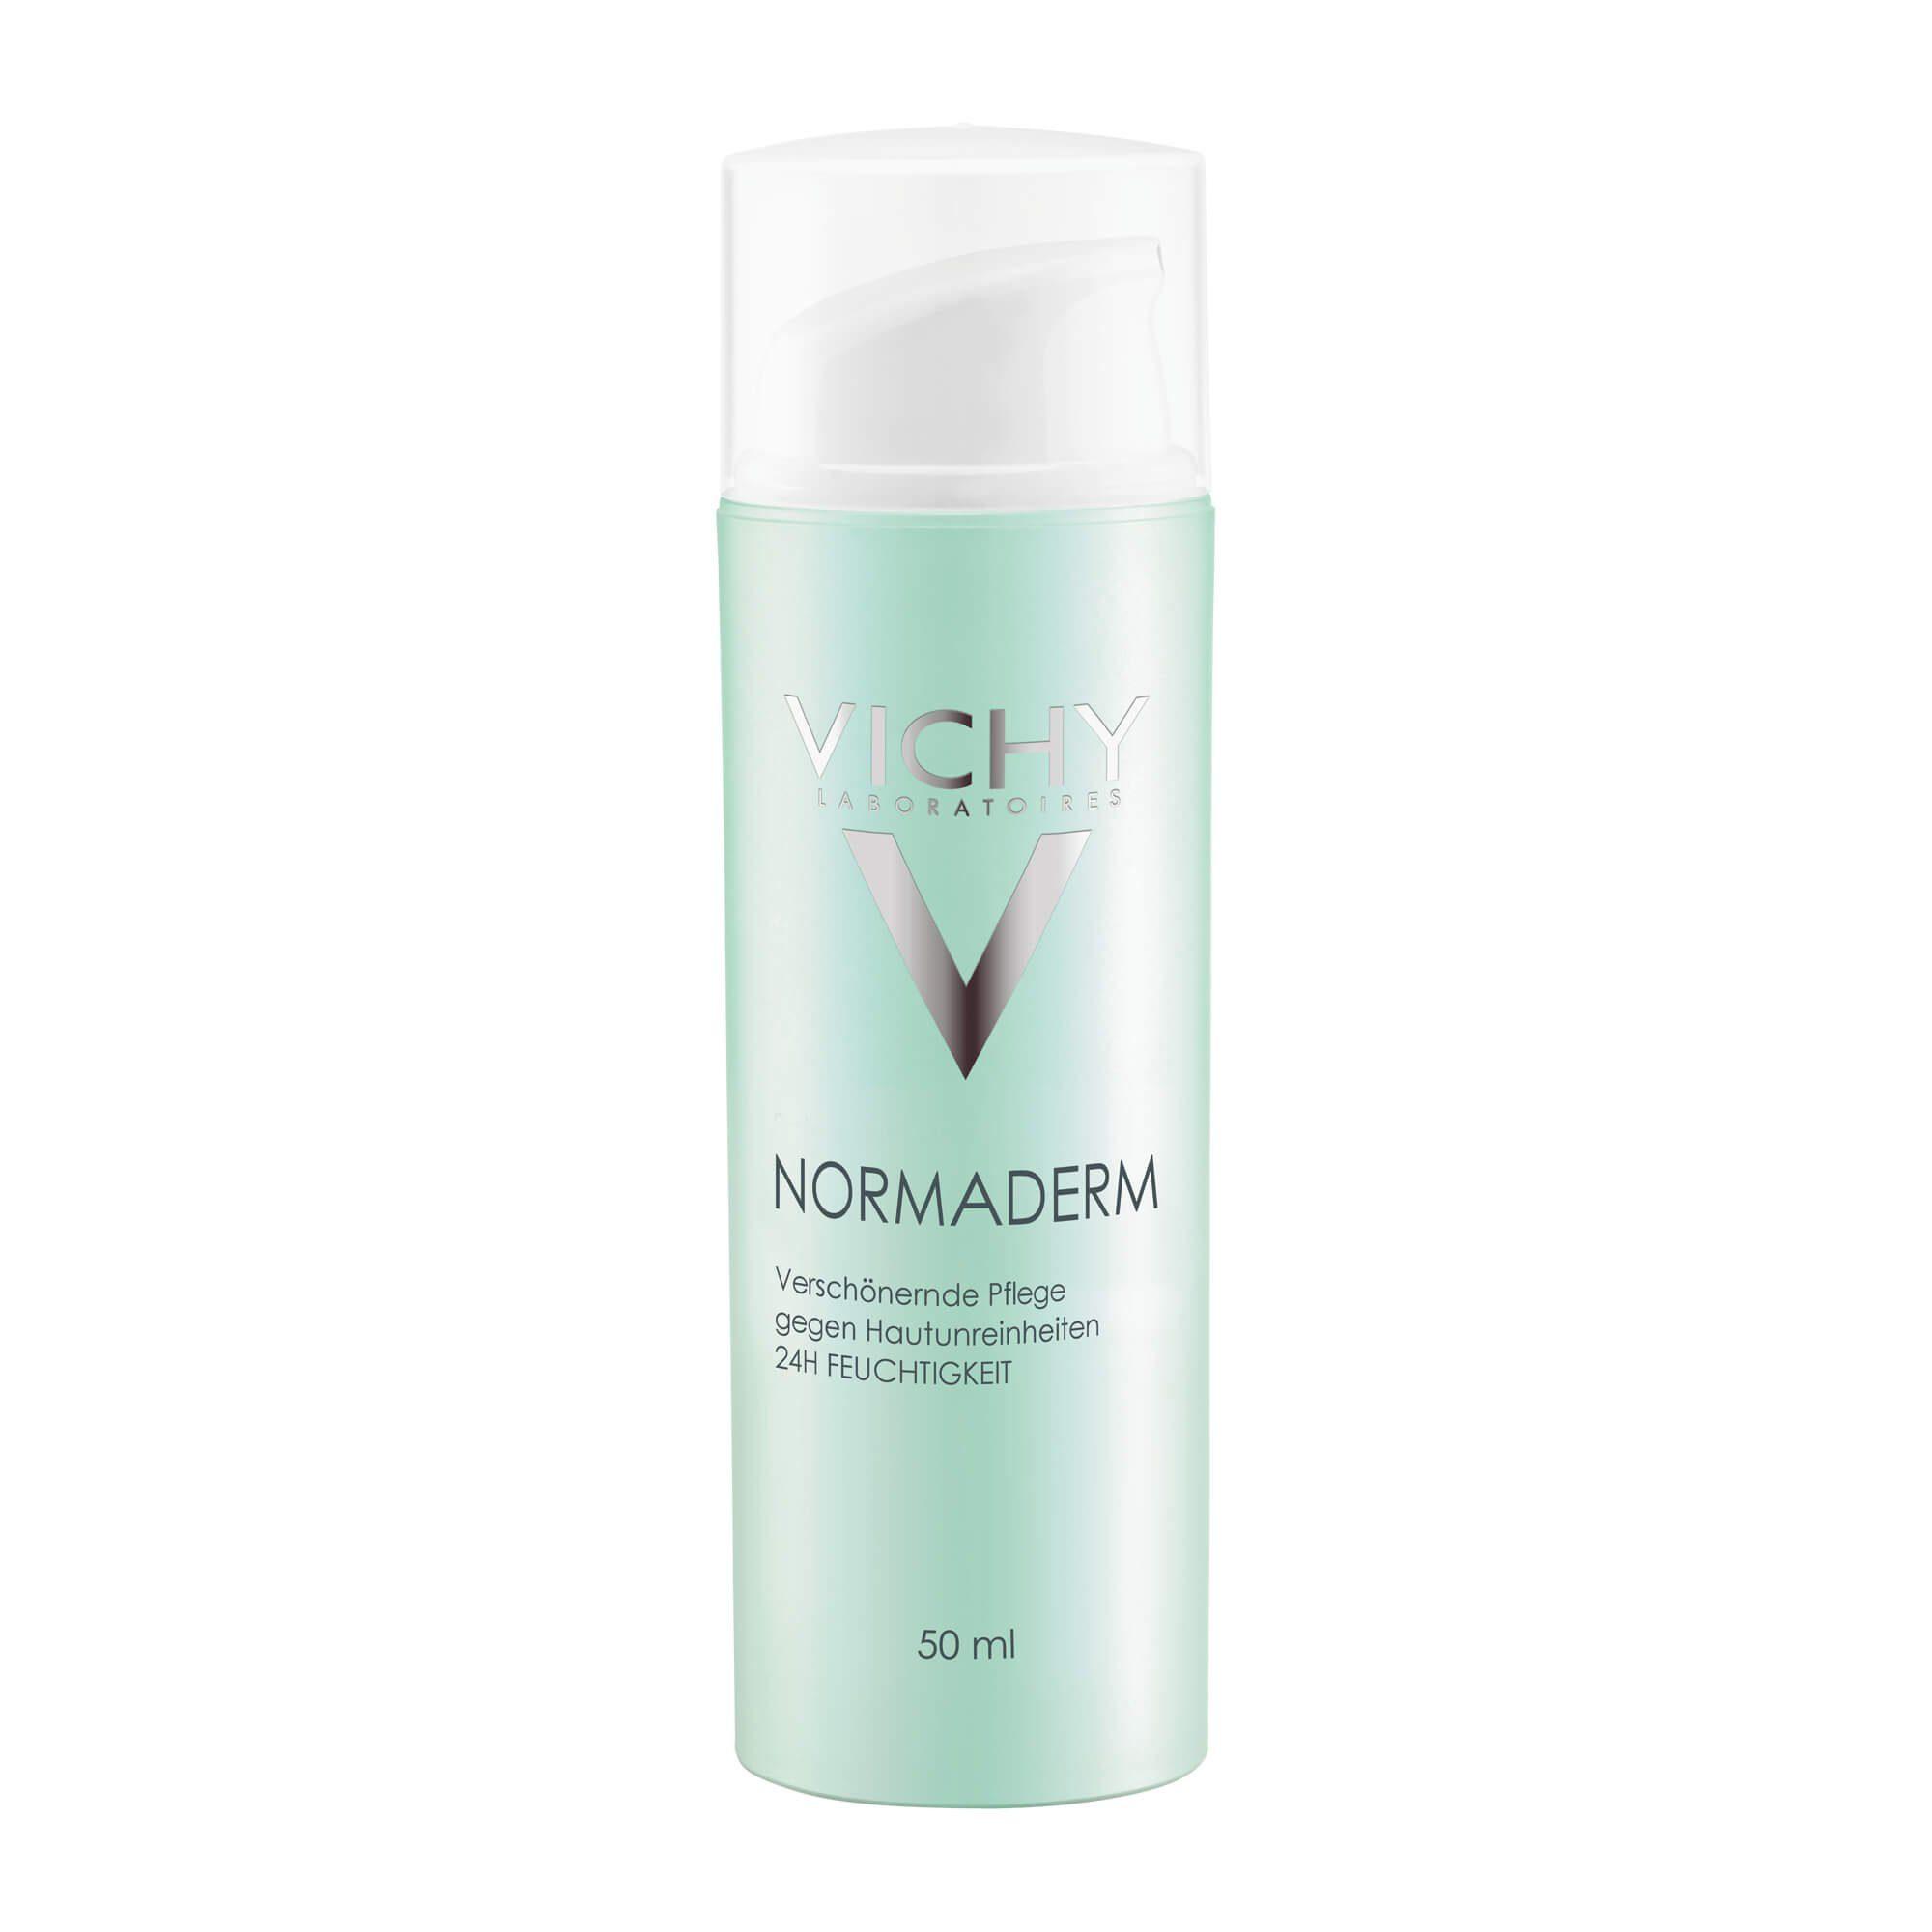 Vichy Normaderm verschönernde 24h-Feuchtigkeitspflege (, 50 ml)